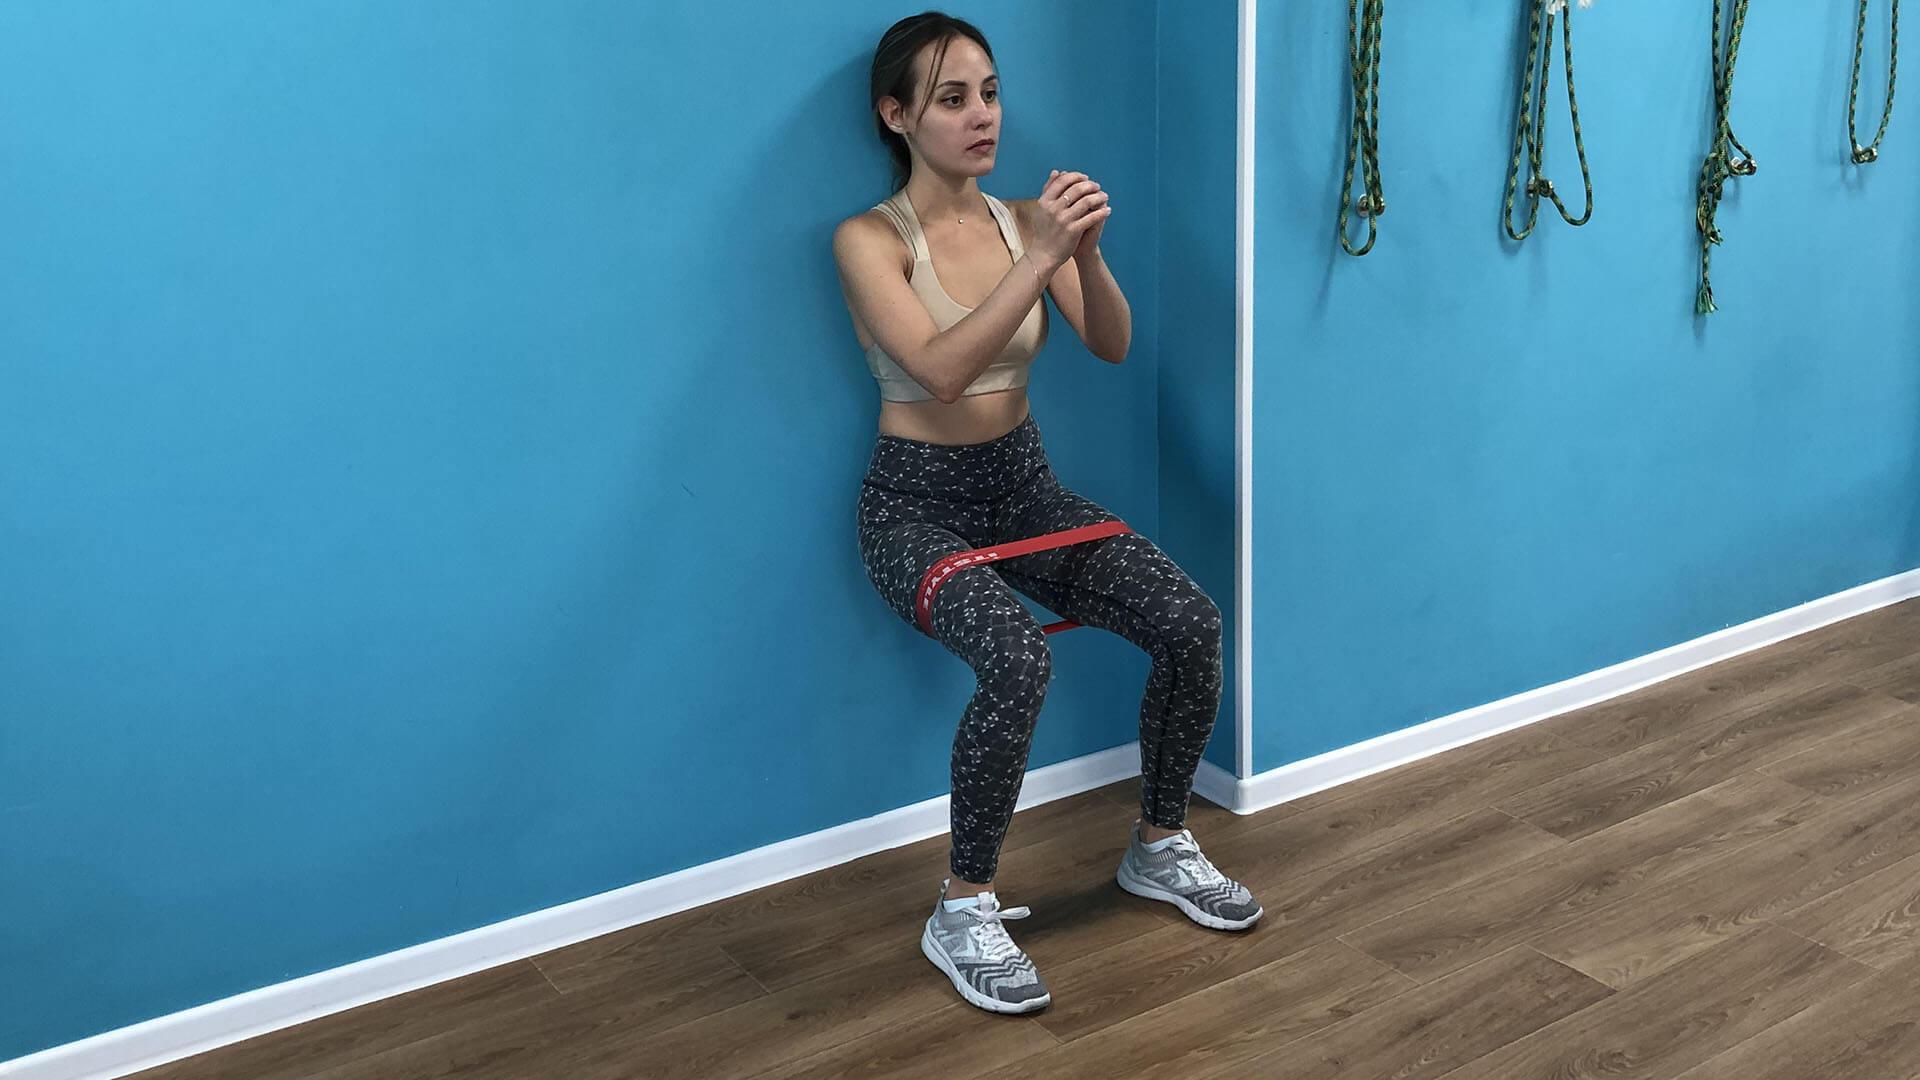 Упражнение стульчик с резинкой: фото.